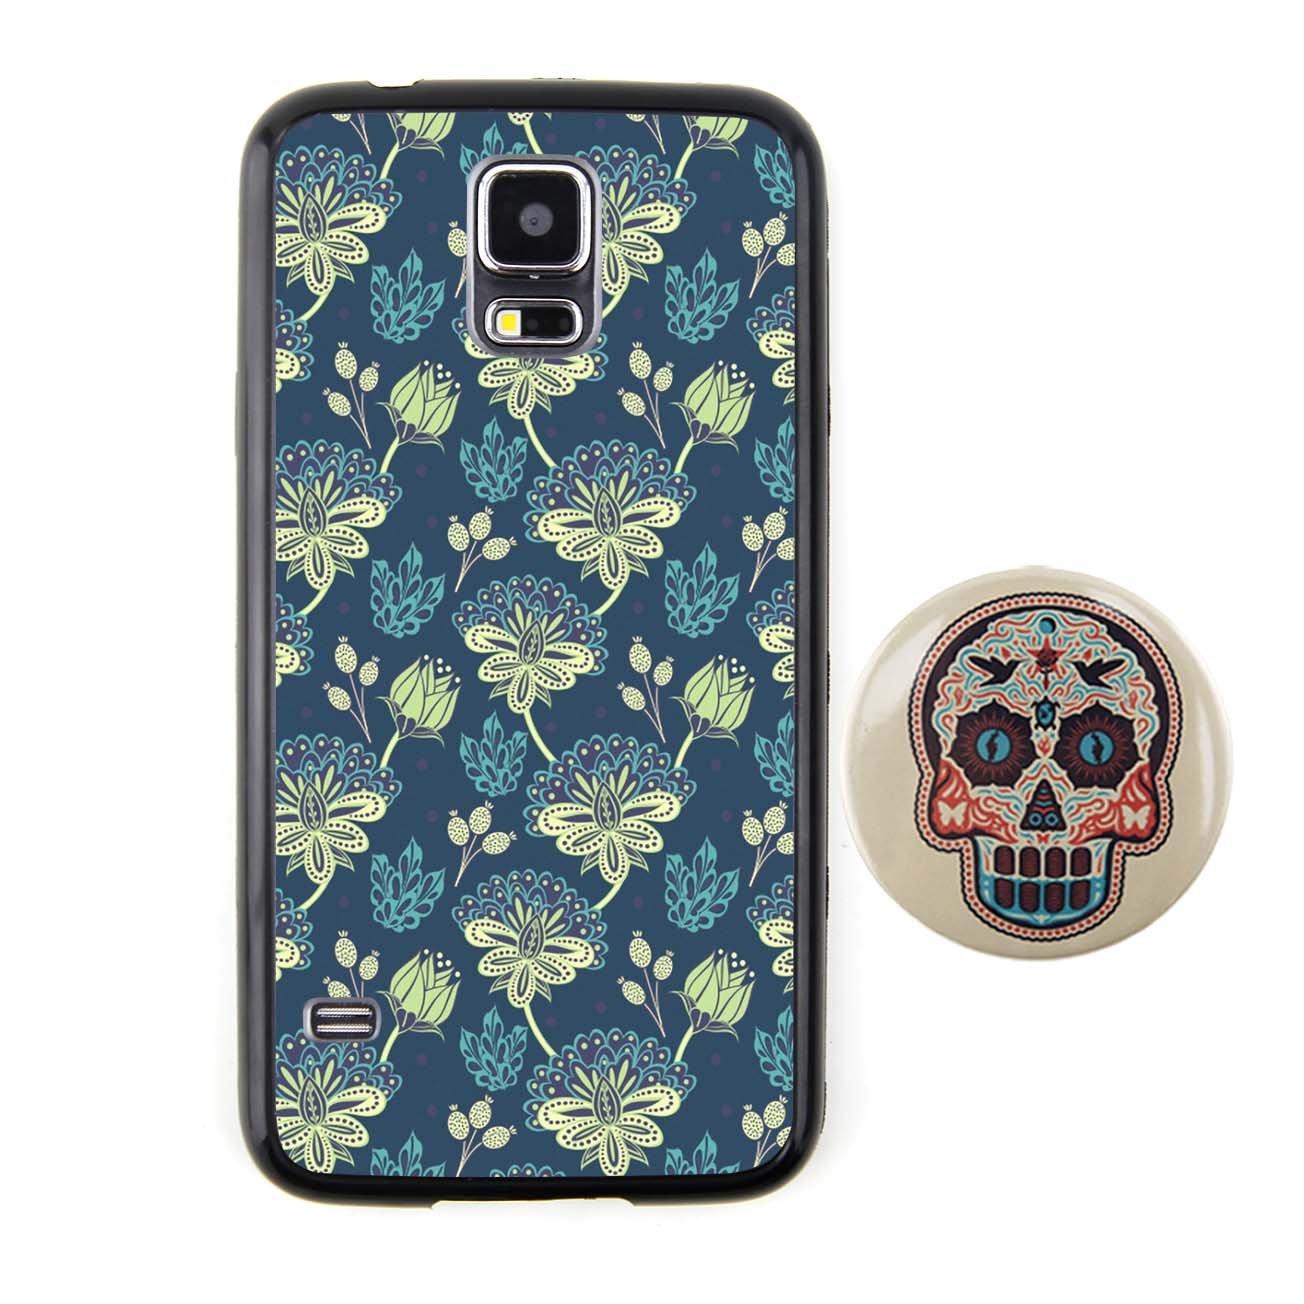 花朵/深蓝 密集图案浮雕设计风格 塑料 tpu手机壳 手机套 适用于